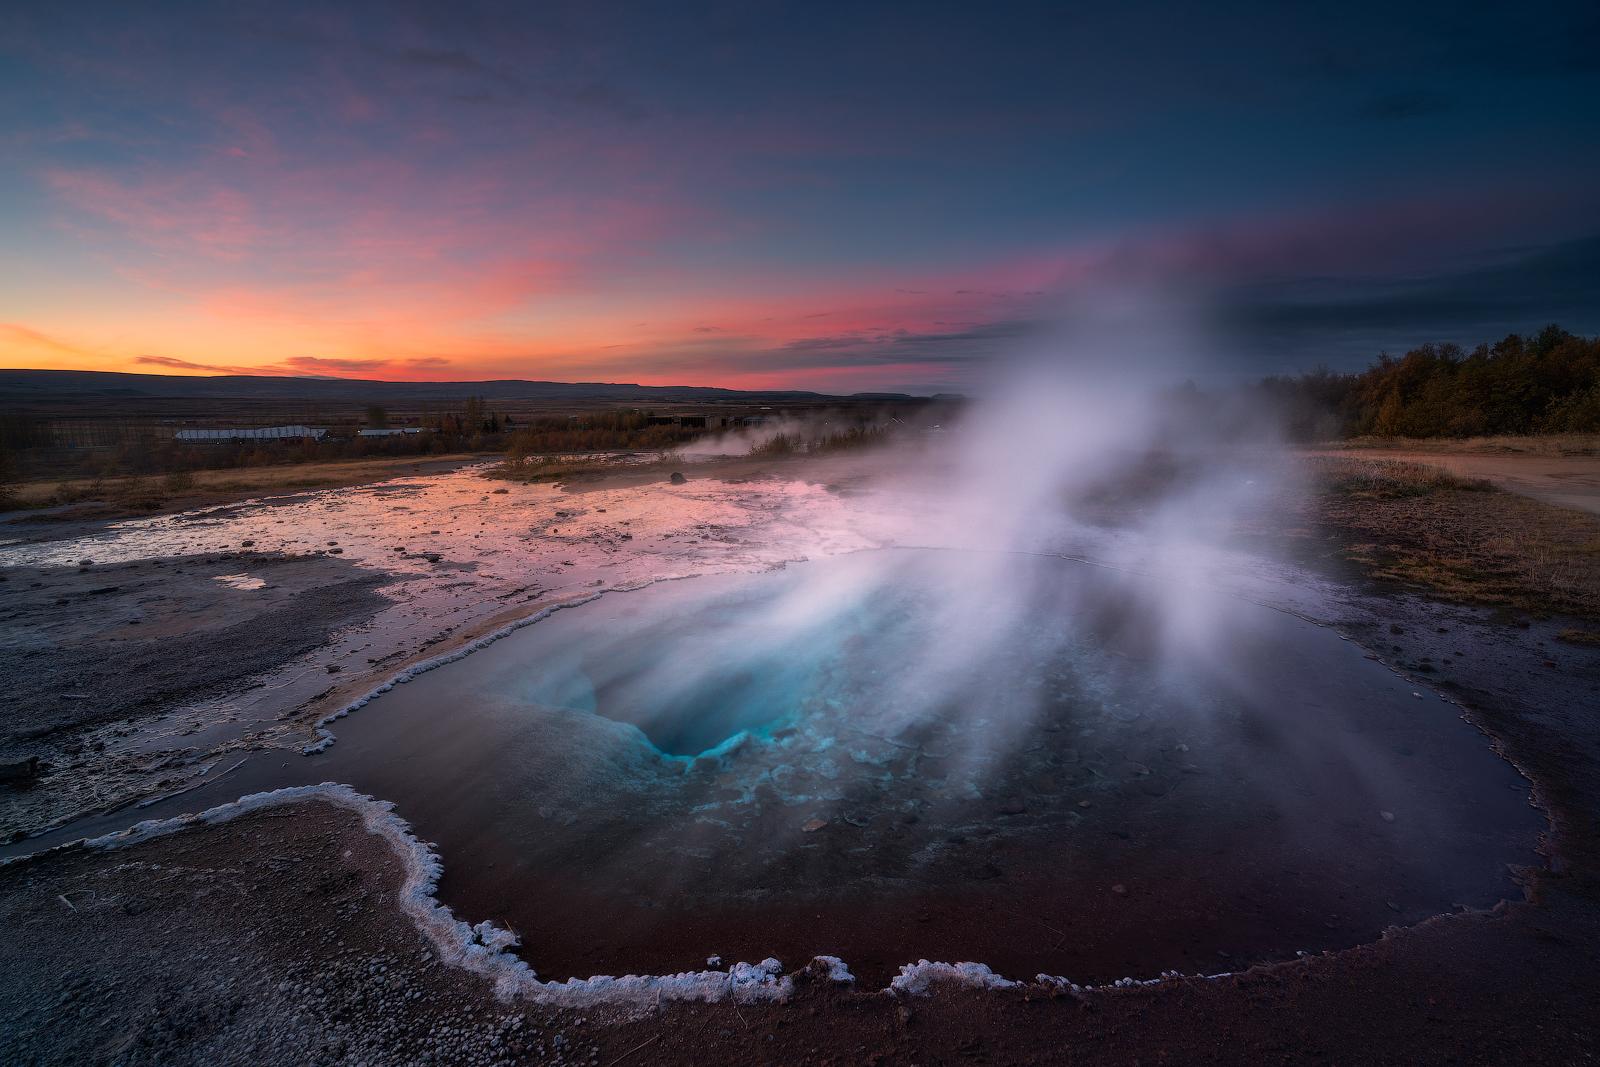 I det geotermiske Geysir-område vil du mærke spændingen og forventningen, lige inden gejseren Strokkur bryder ud